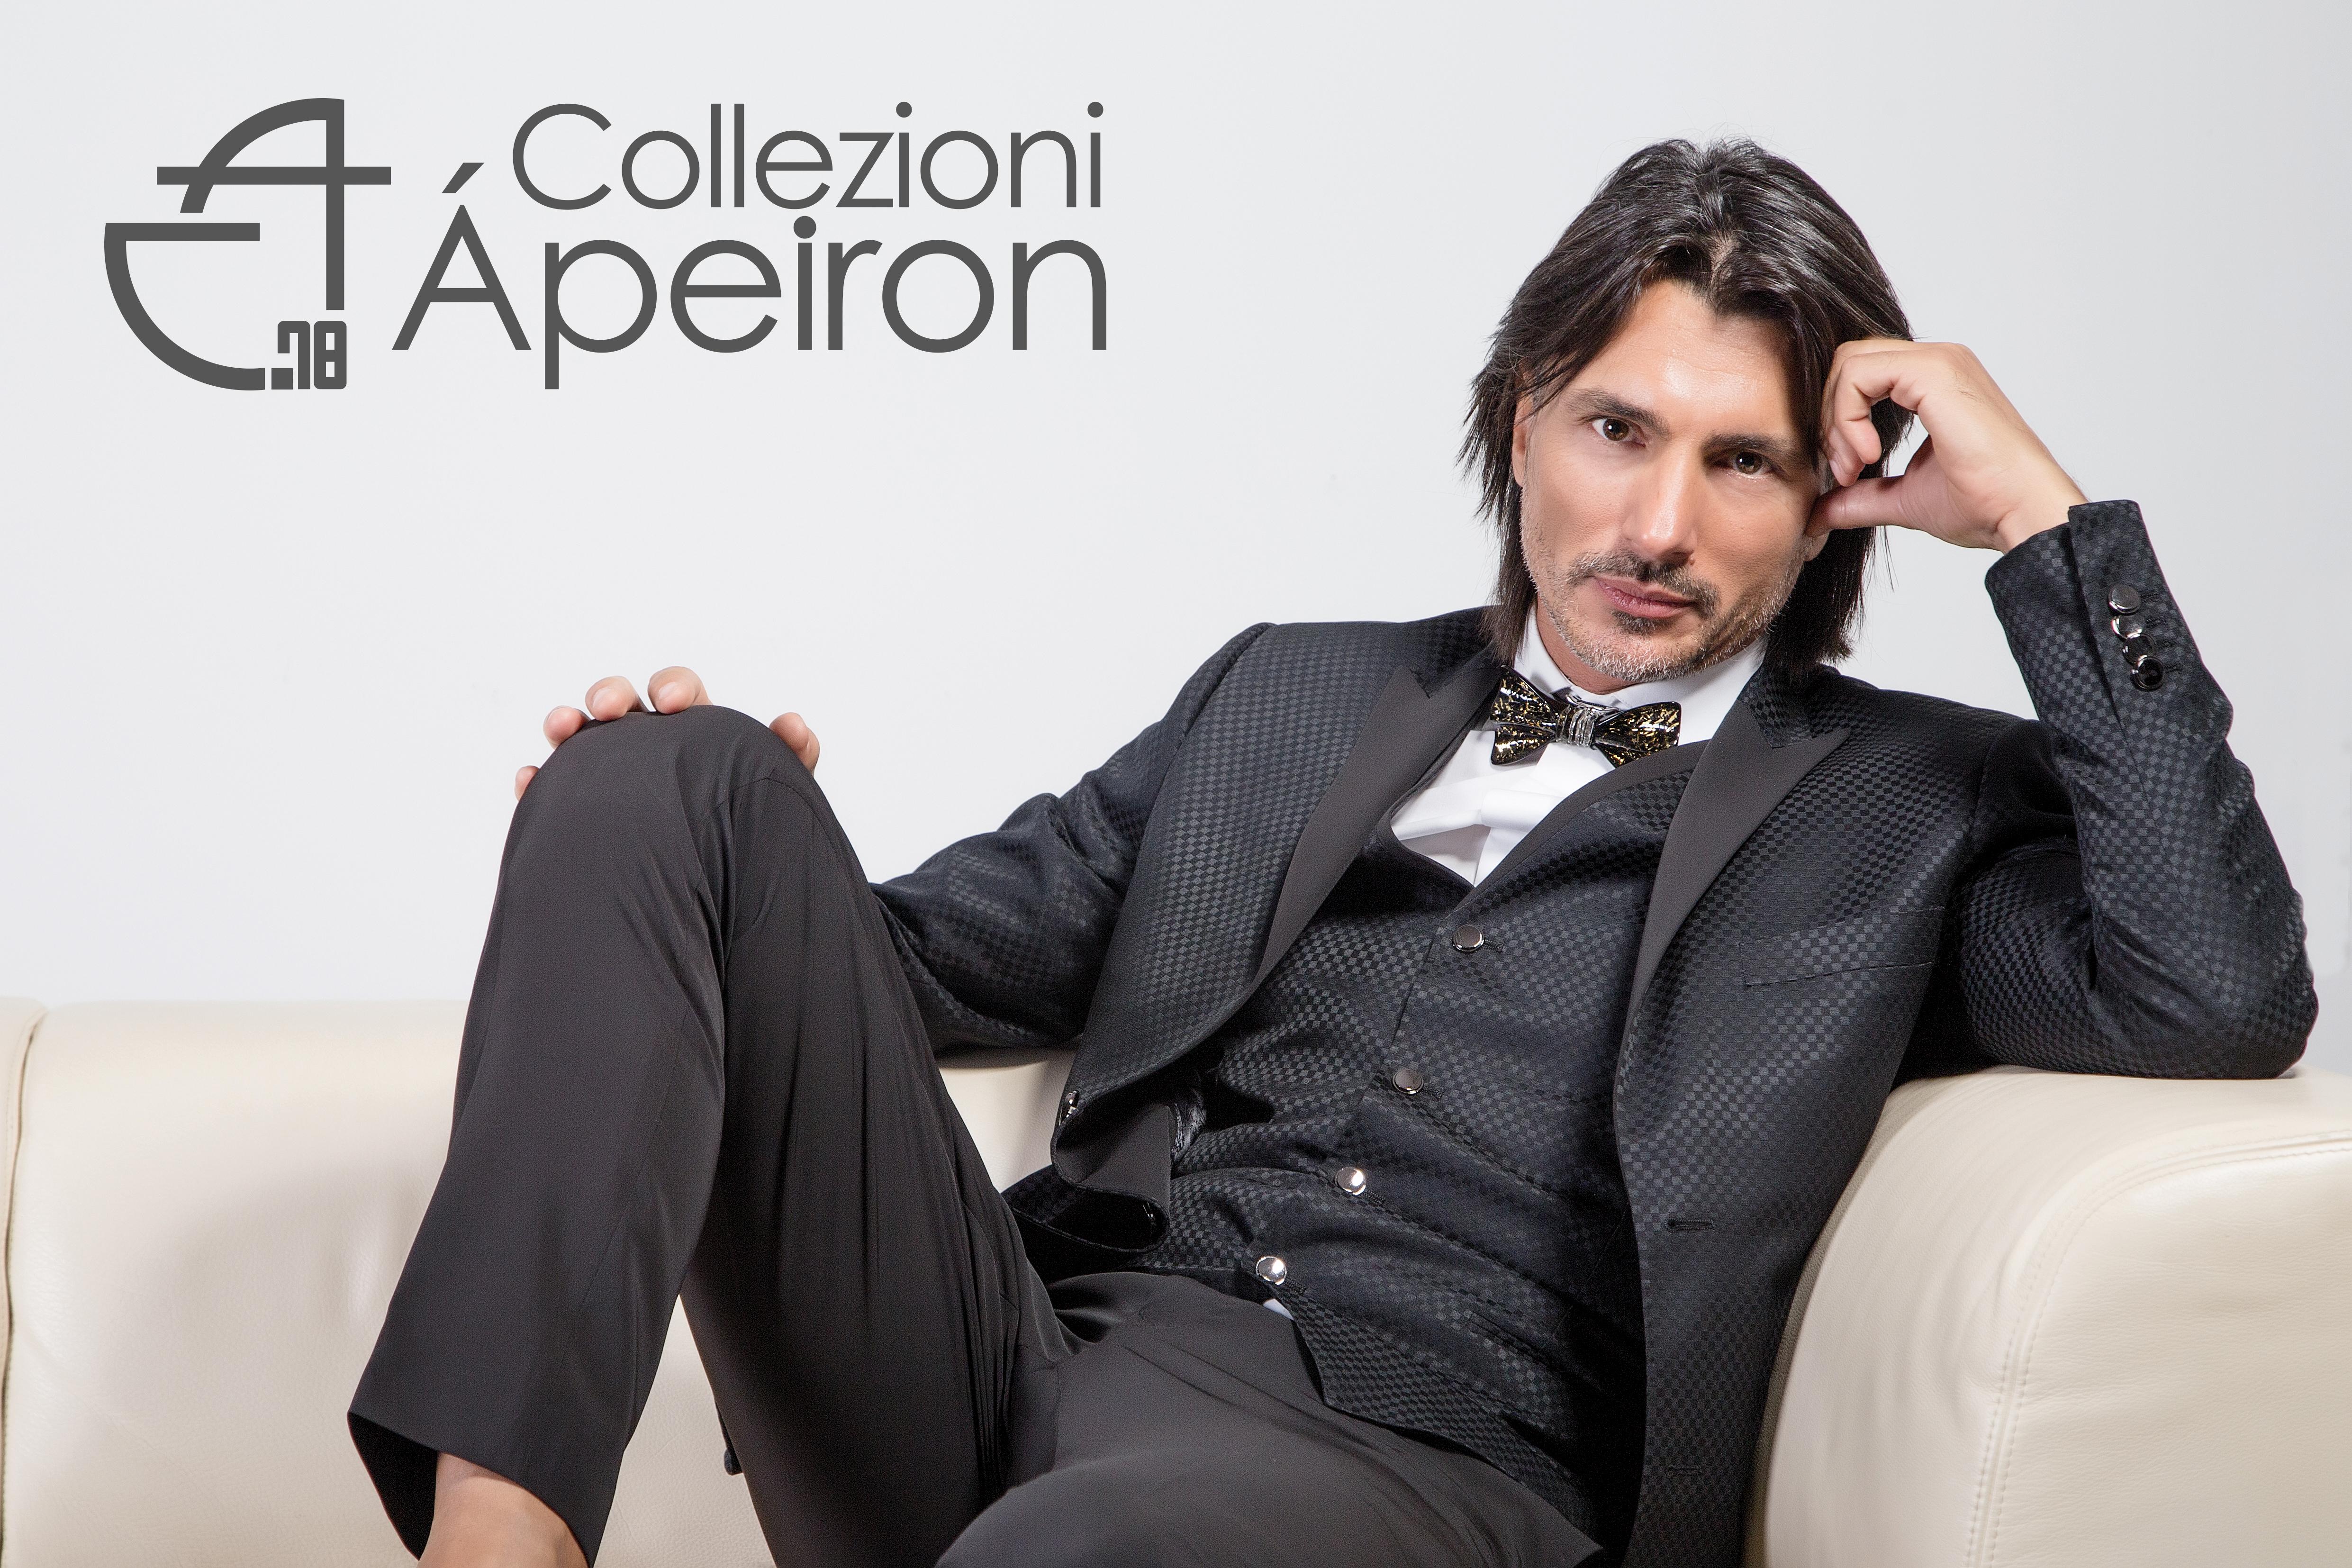 Fabio_Apeiron.jpg